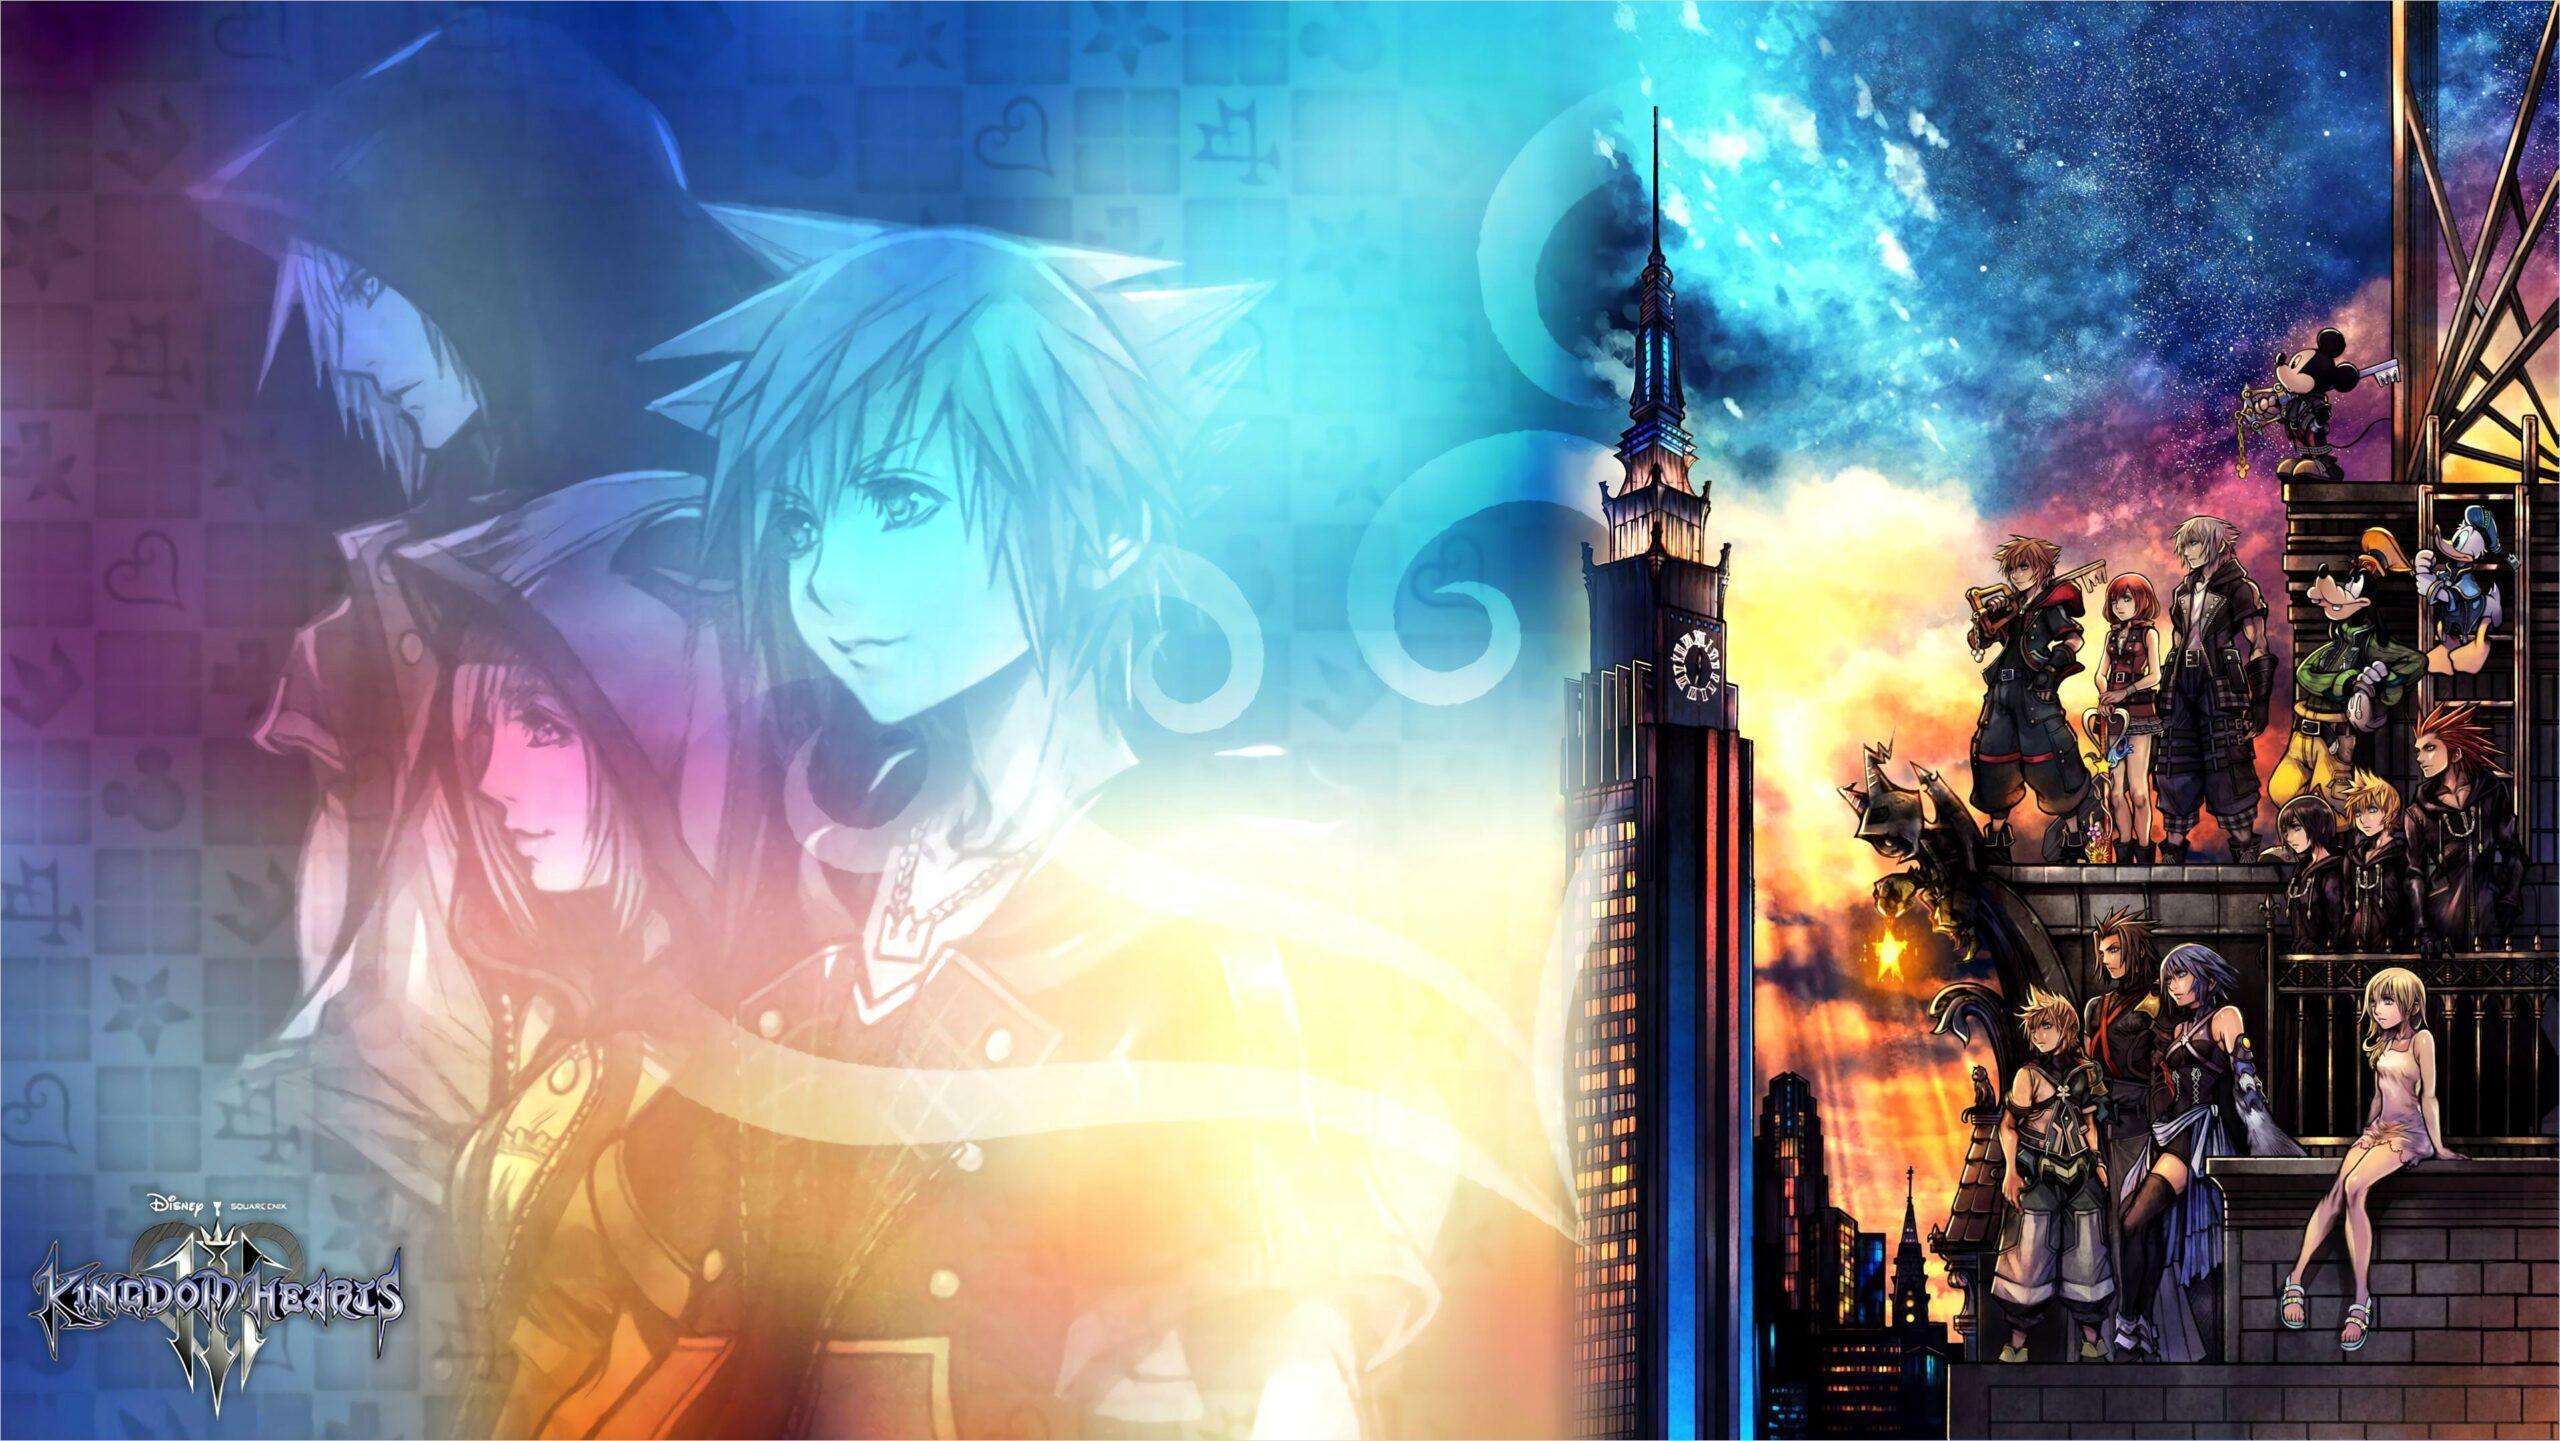 4k Wallpaper Art Reddit In 2020 Kingdom Hearts Wallpaper Art